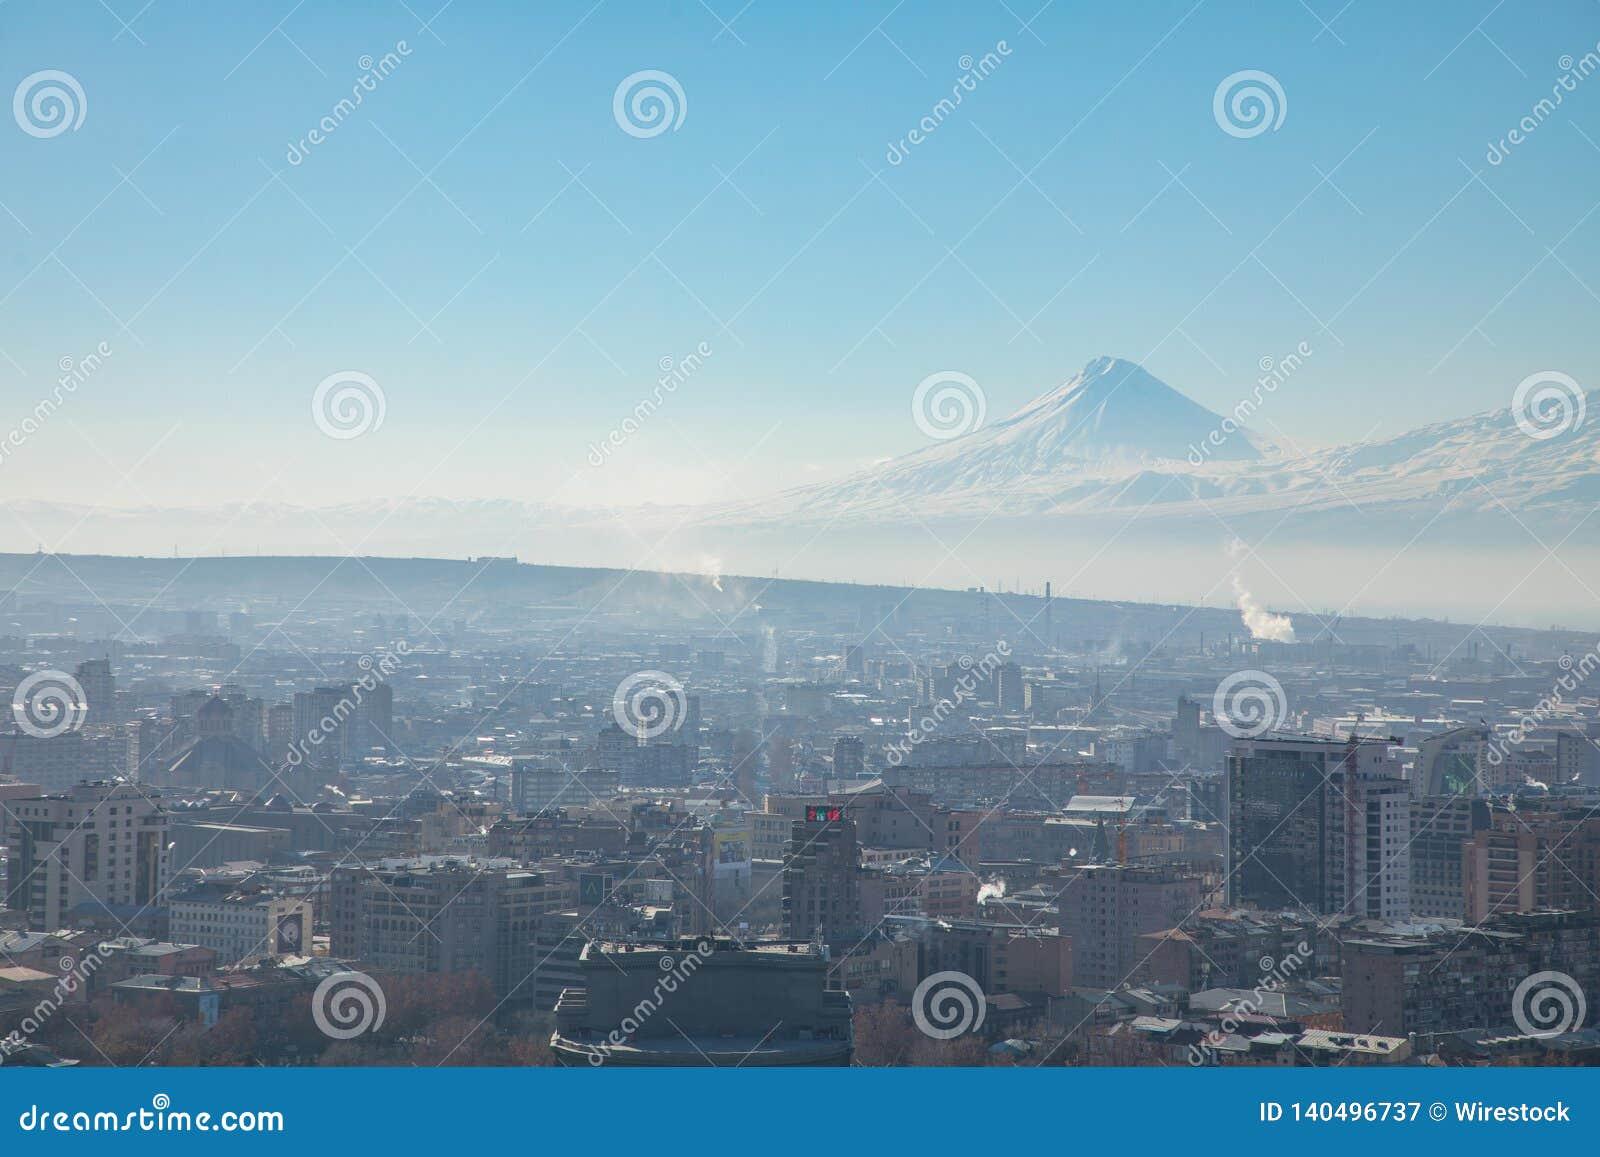 City of Yerevan